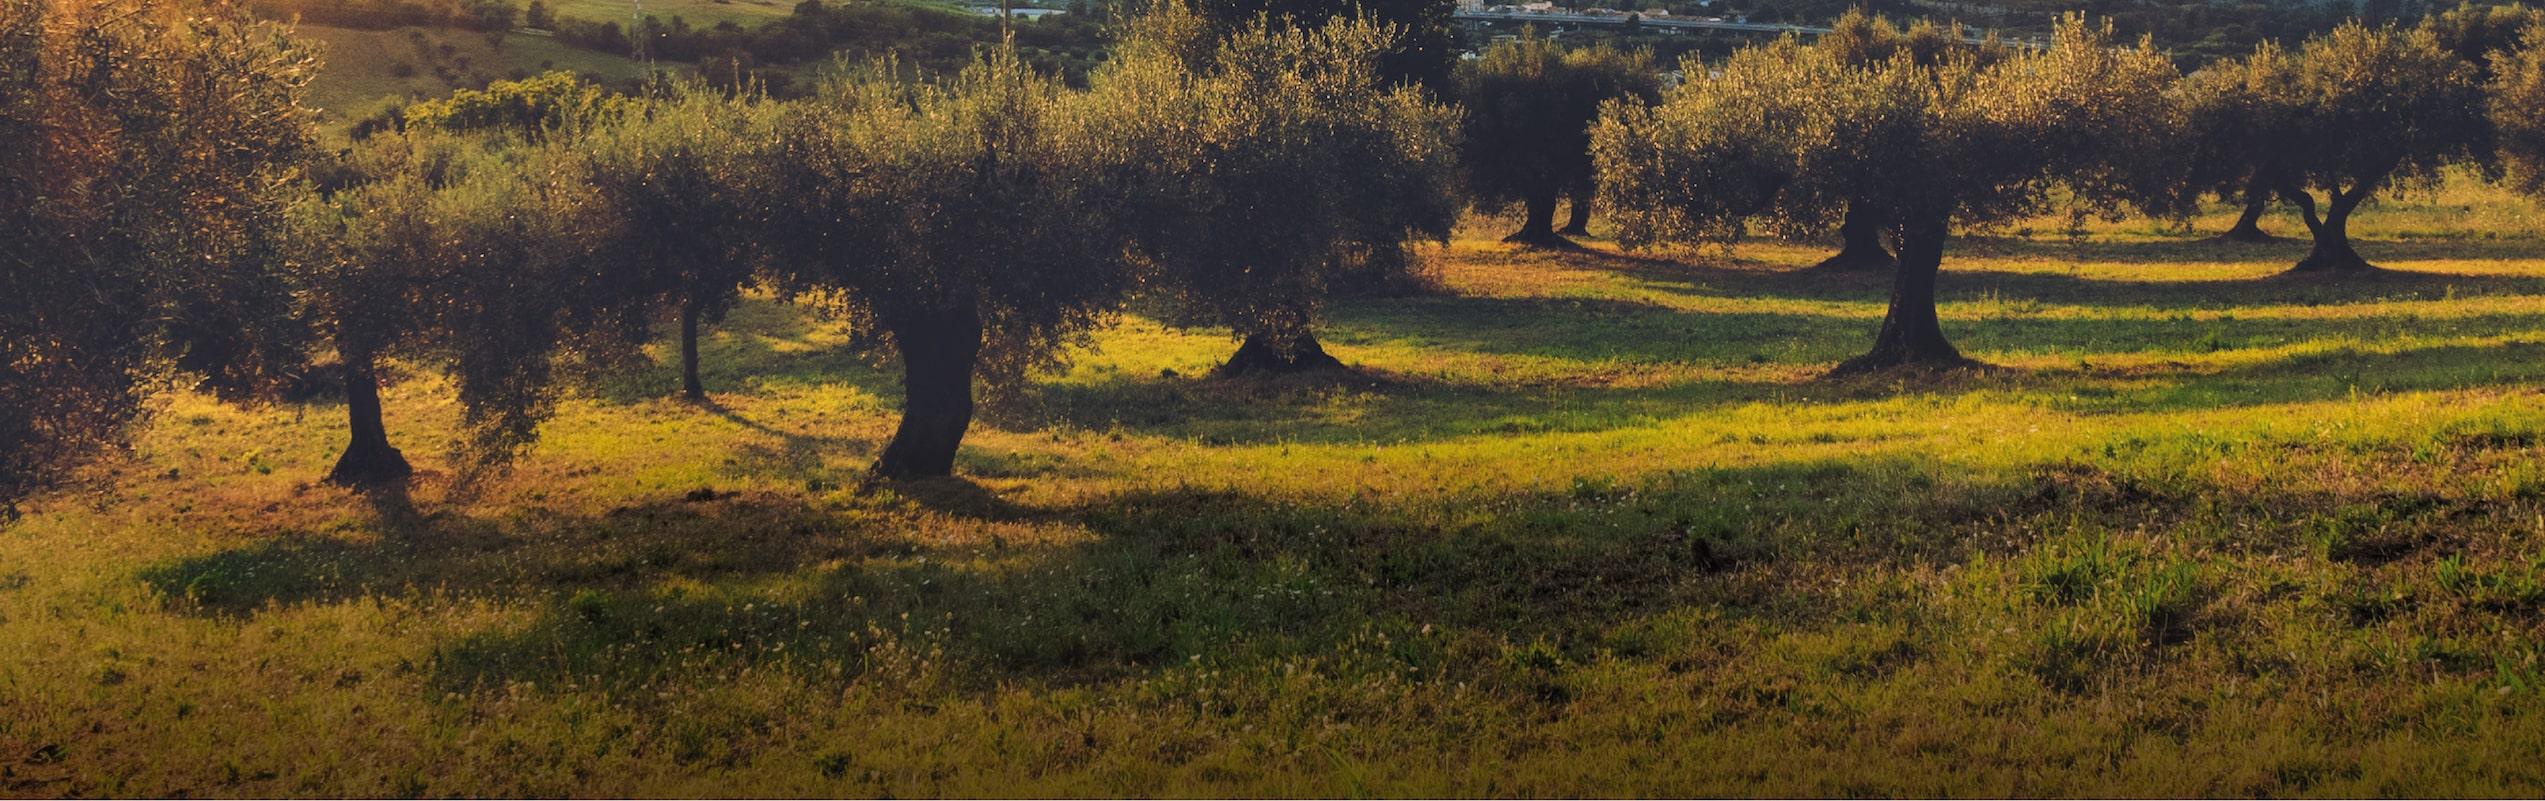 Frantoio Porto Di Mola | Il Territorio Alle Pendici Del Vulcano Di Roccamonfina